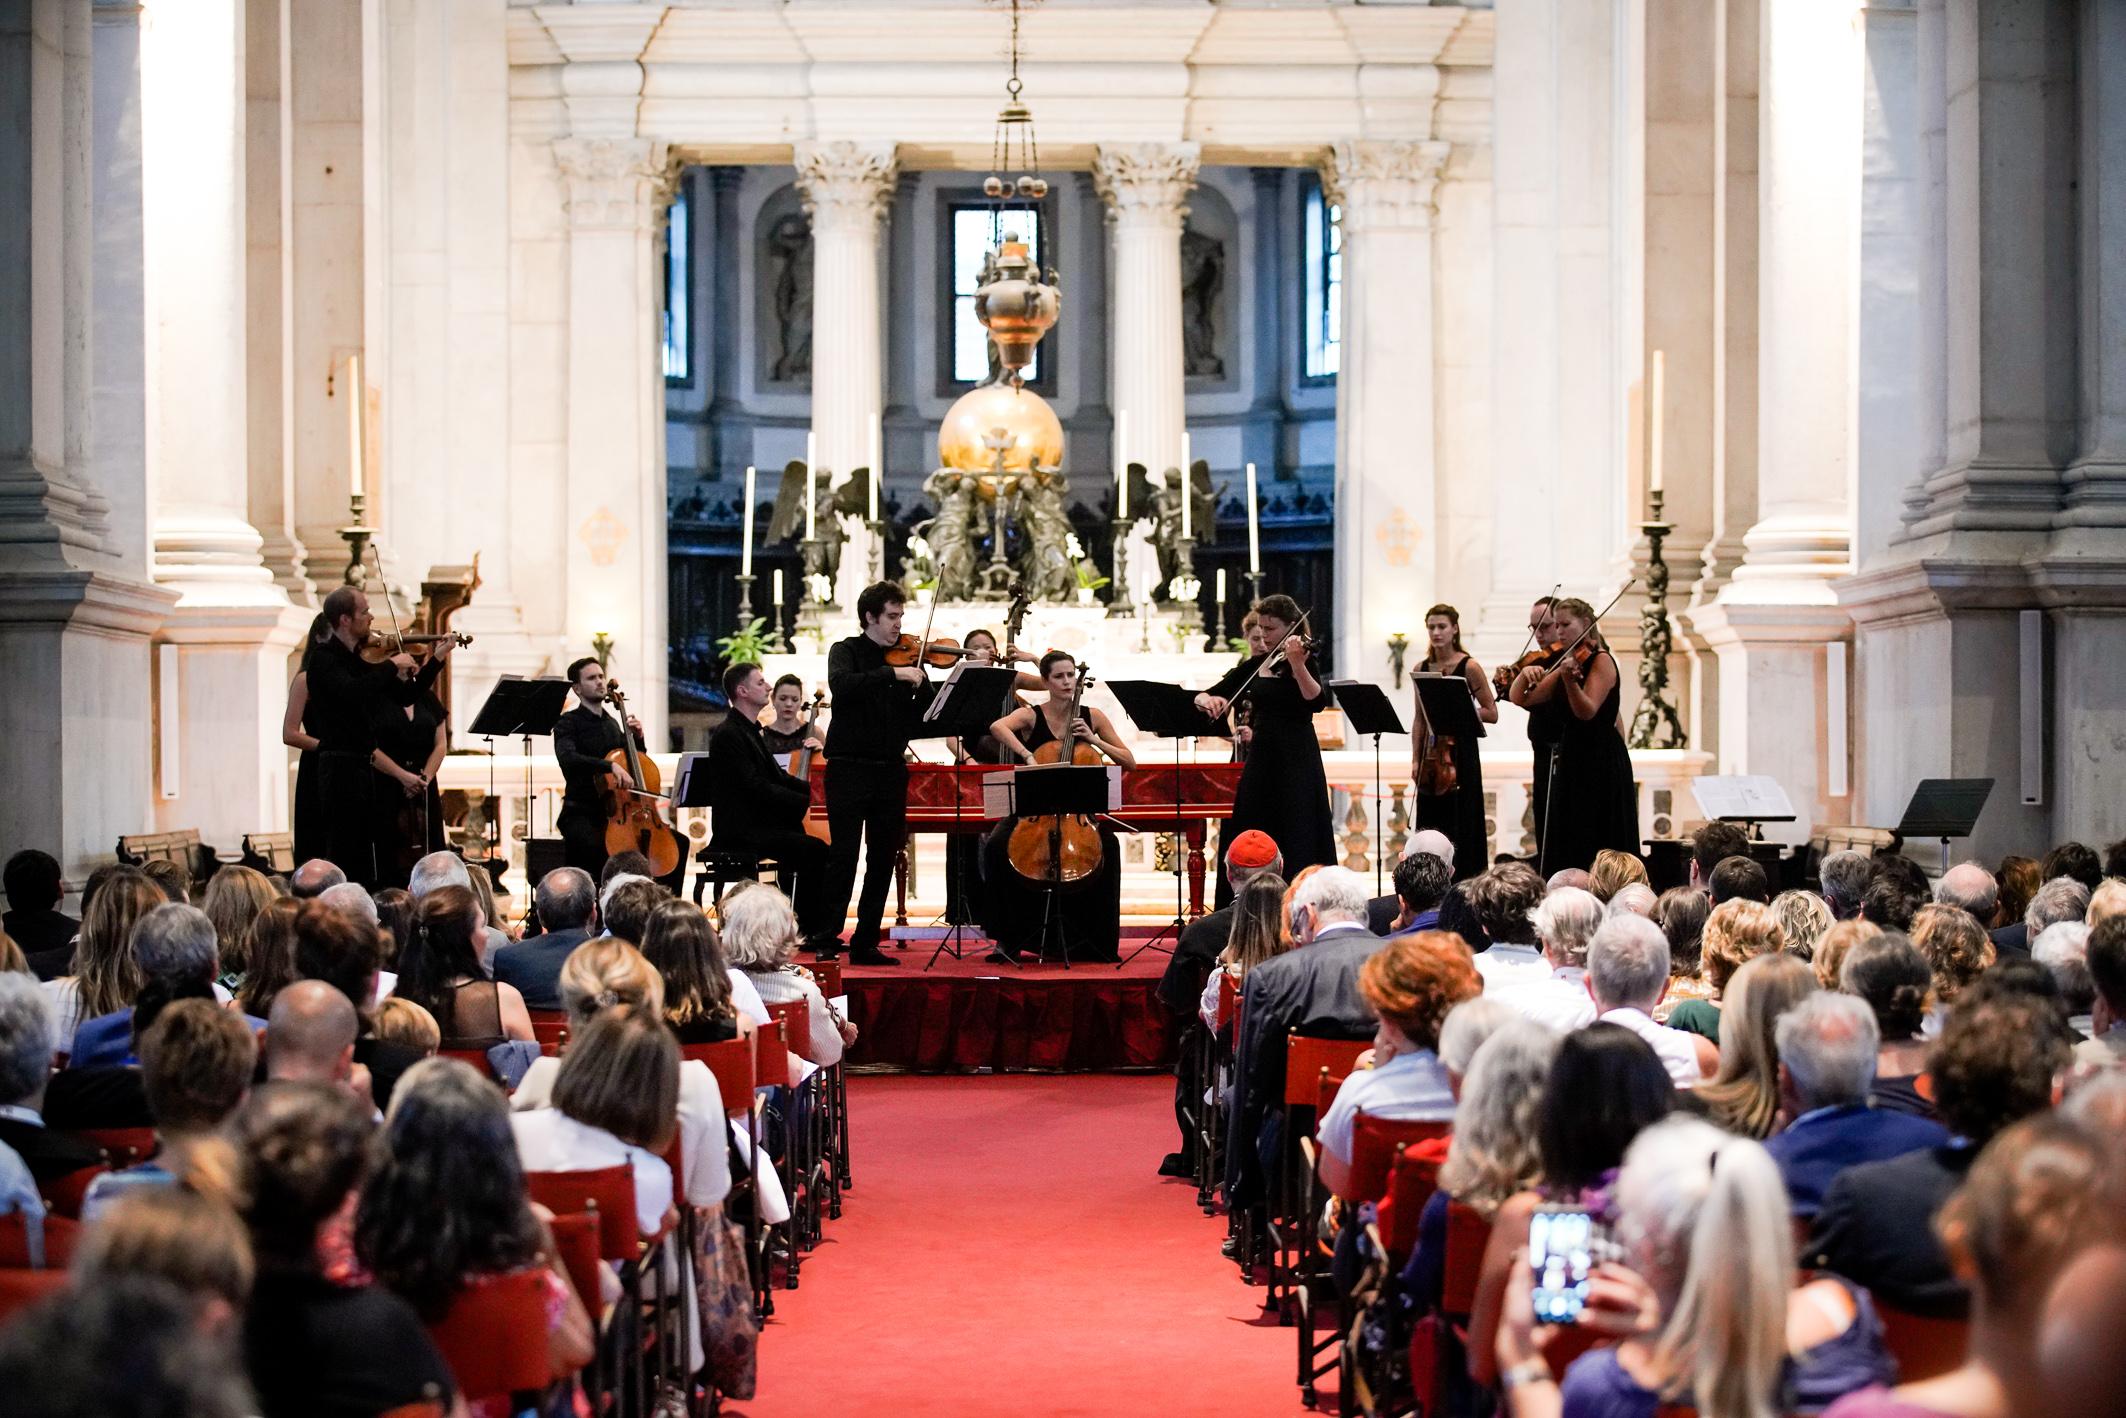 basilica di san Giorgio_concerto_stradivari_orchestra_ginevra_fabrizio von arx